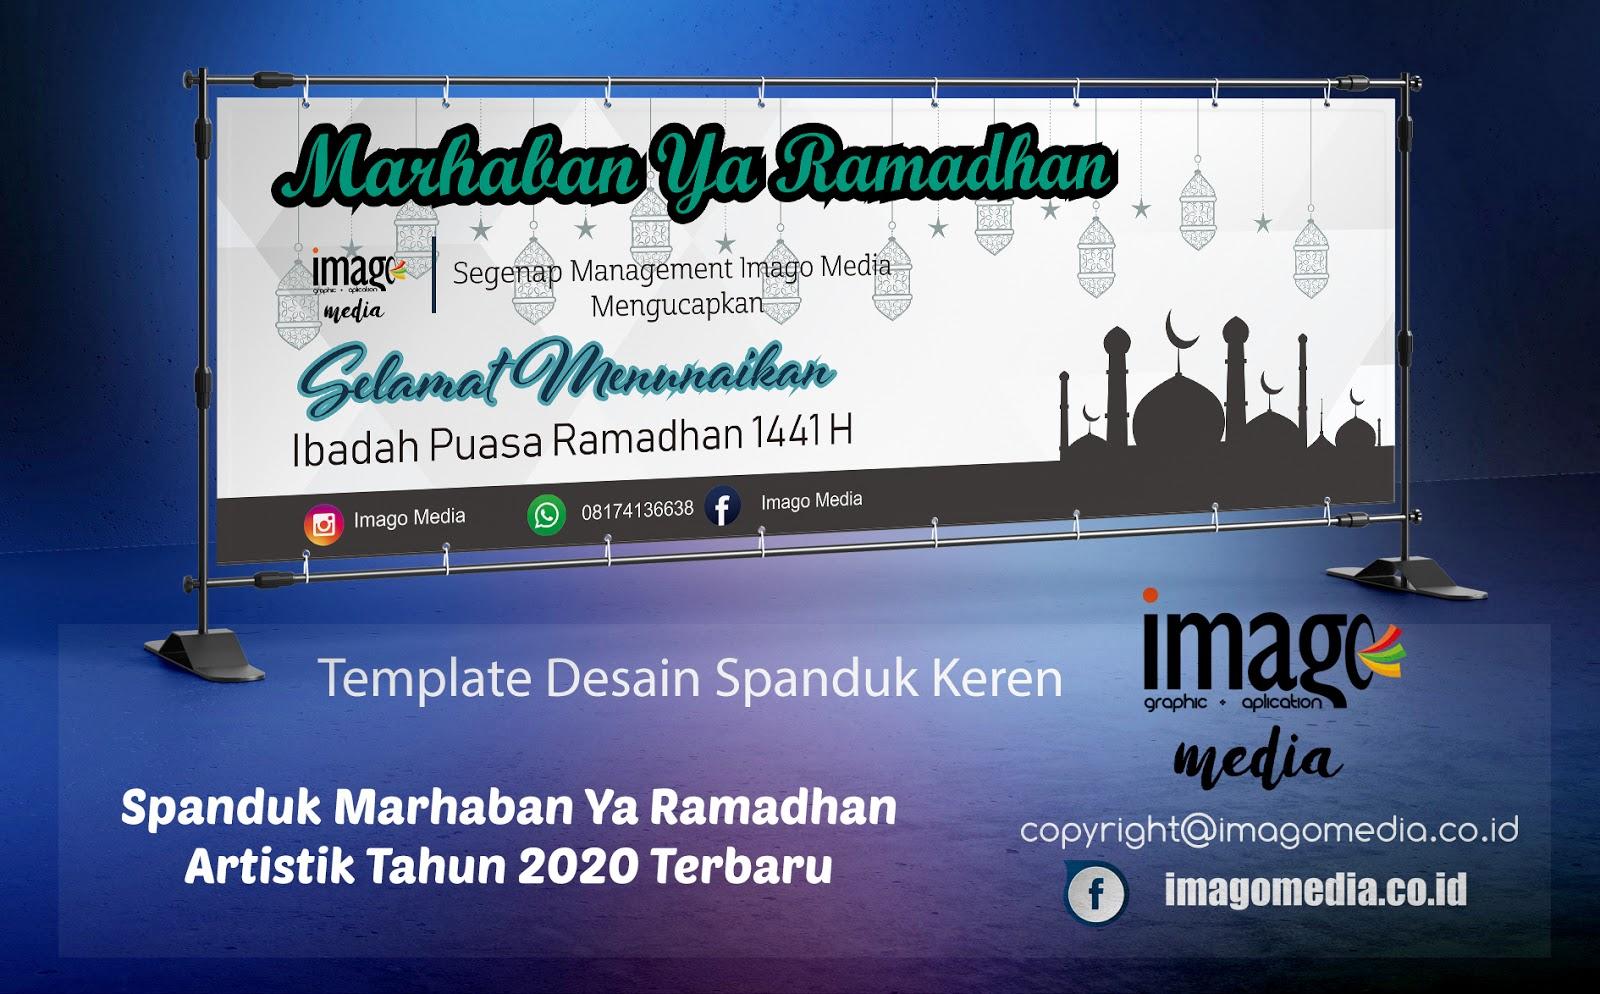 Spanduk Marhaban Ya Ramadhan Artistik Tahun 2020 Terbaru ...